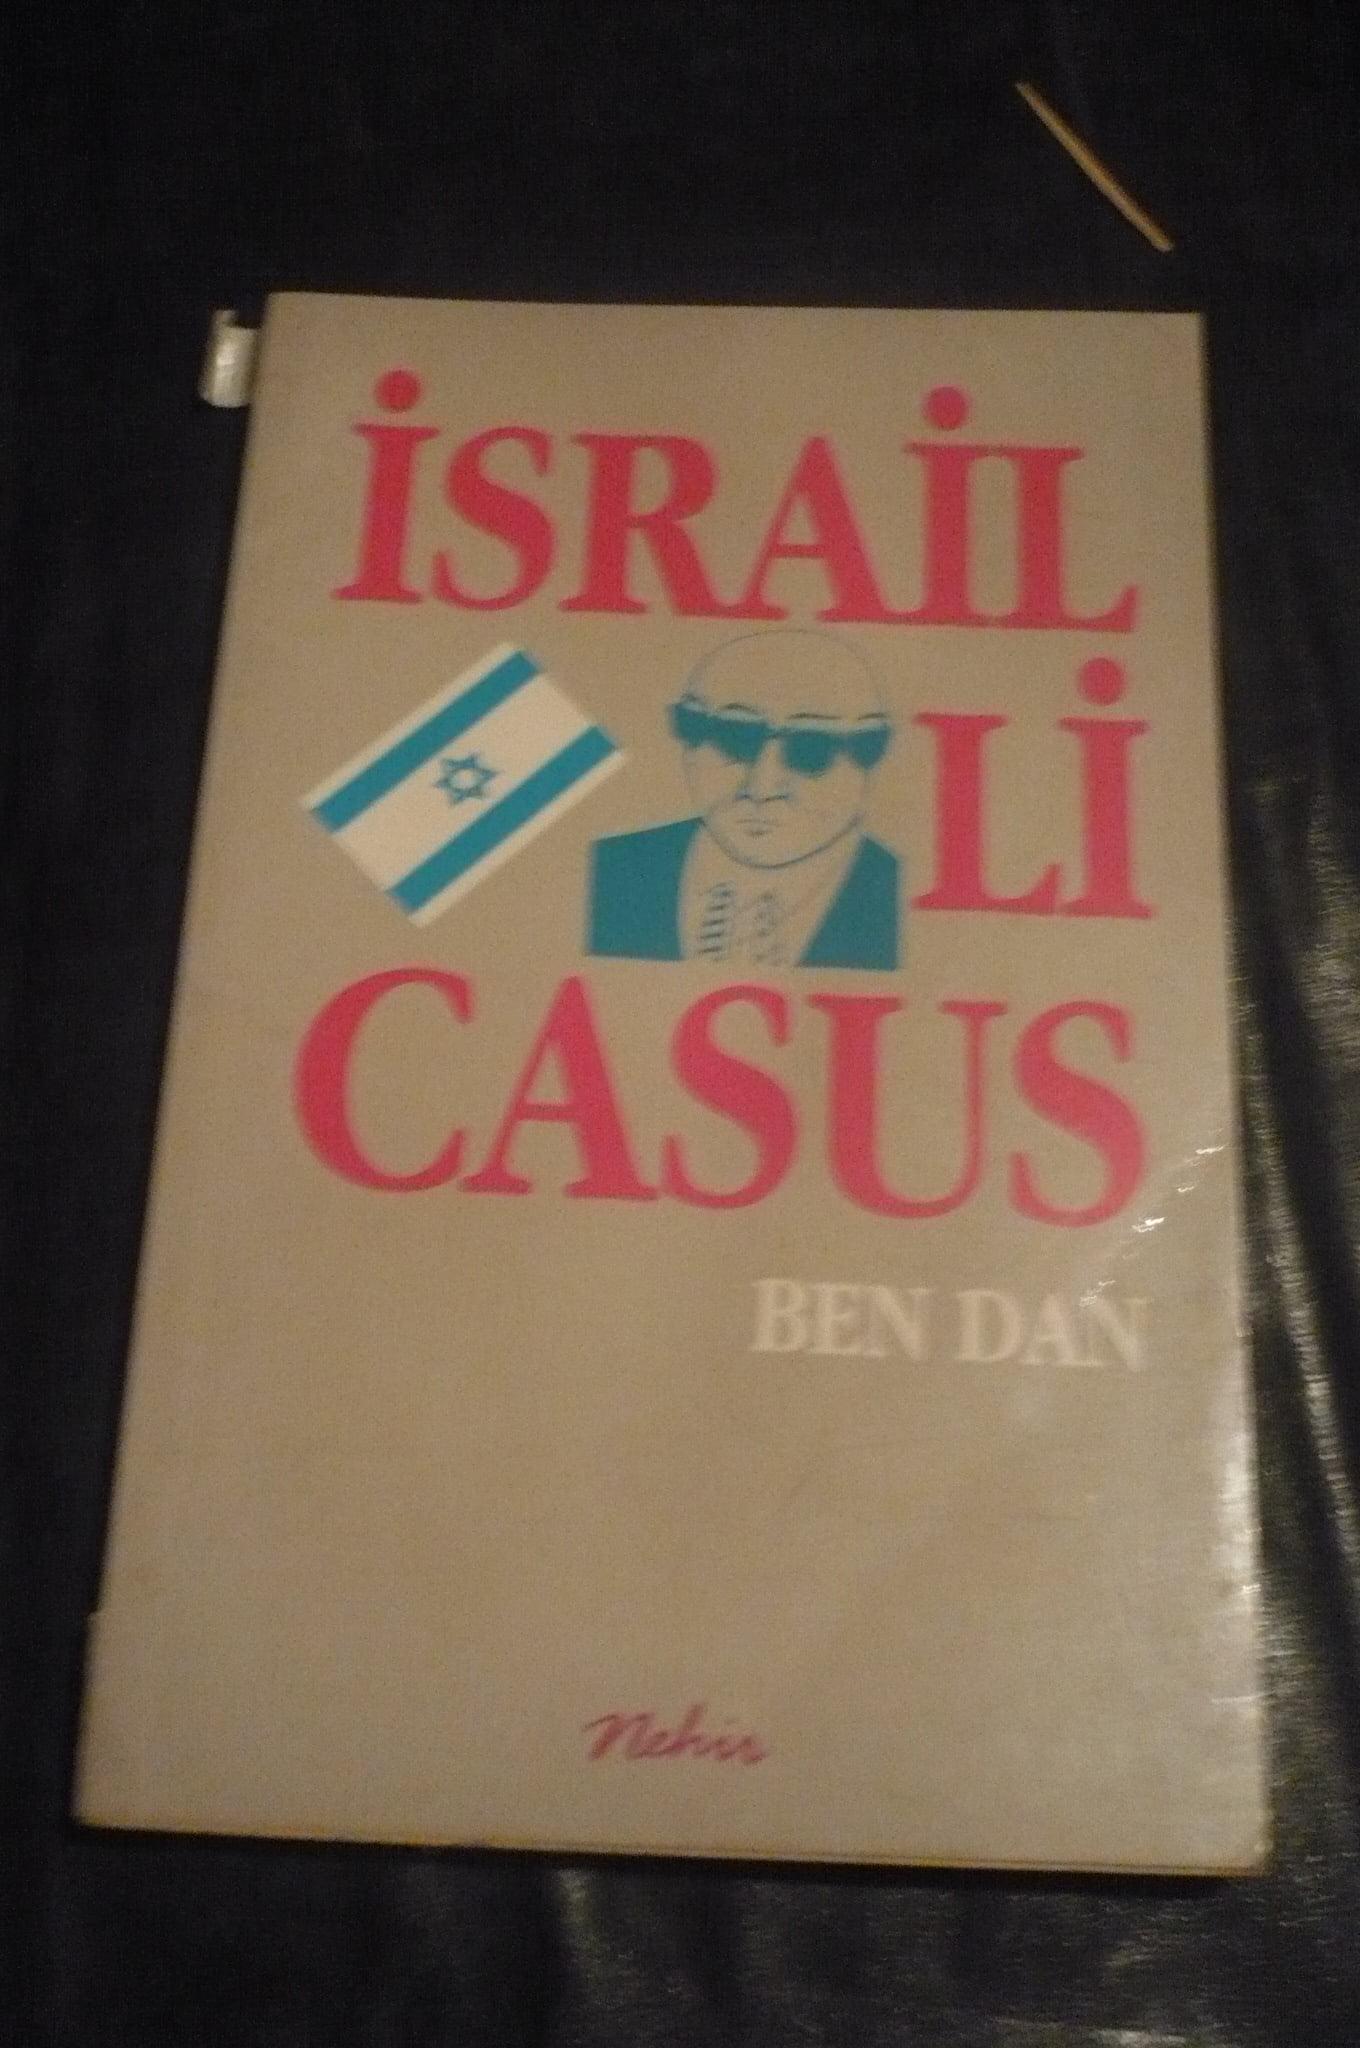 İSRAİLLİ CASUS/BEN DAN/ 15 tl